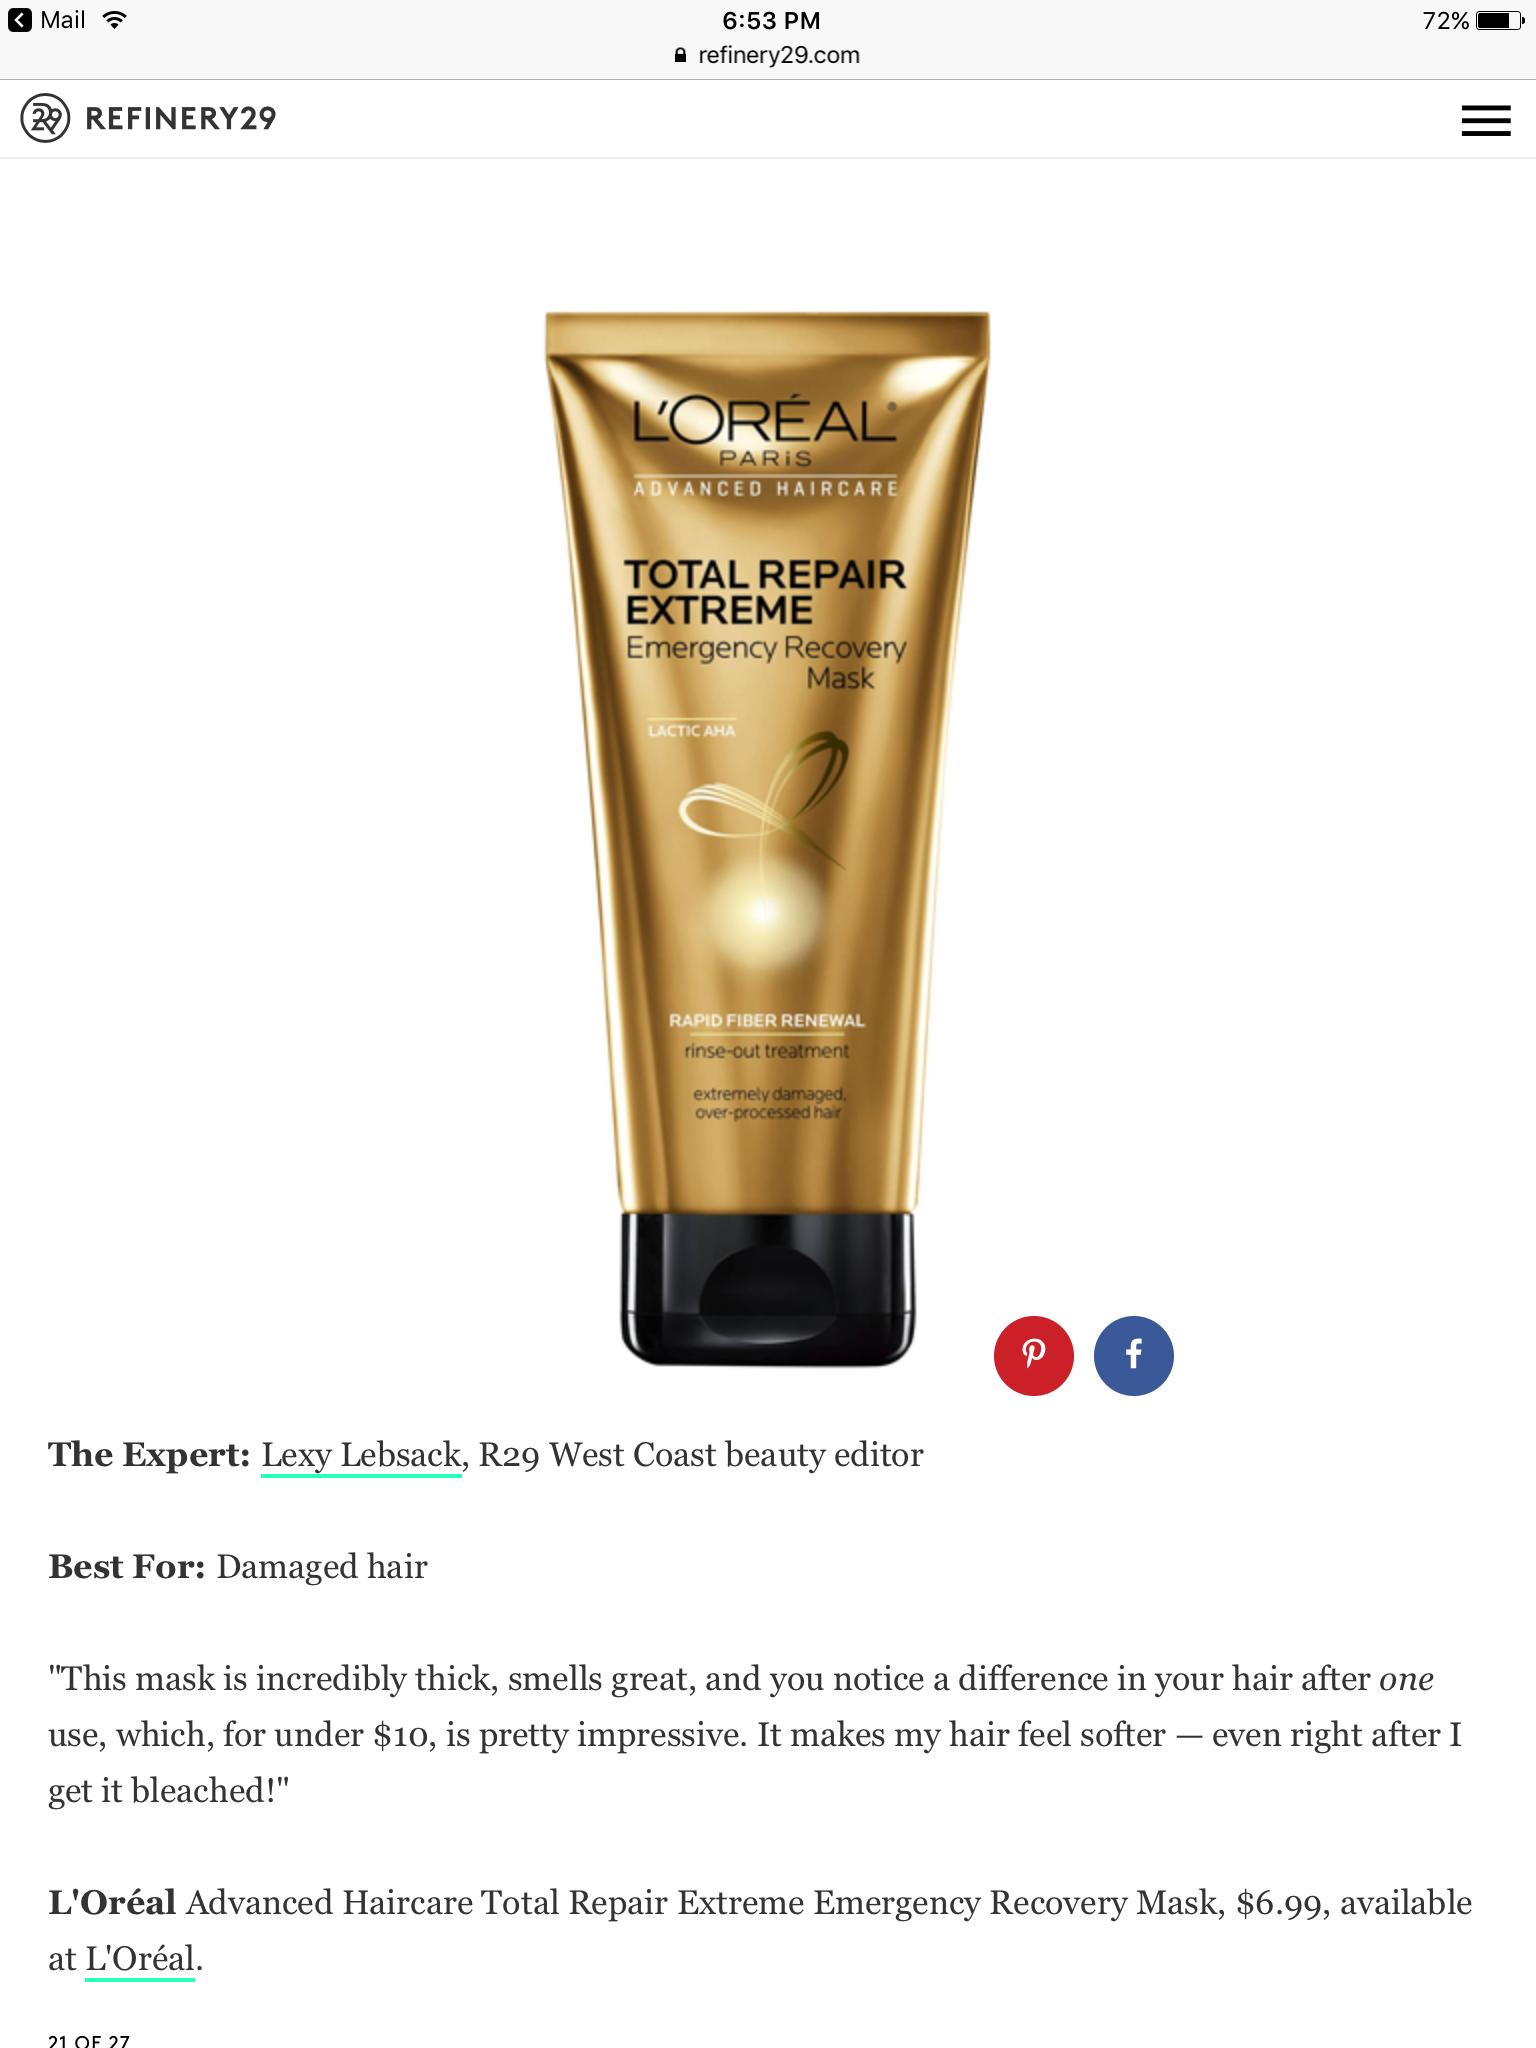 L'Oréal Total repair extreme Mask Loreal paris, Loreal